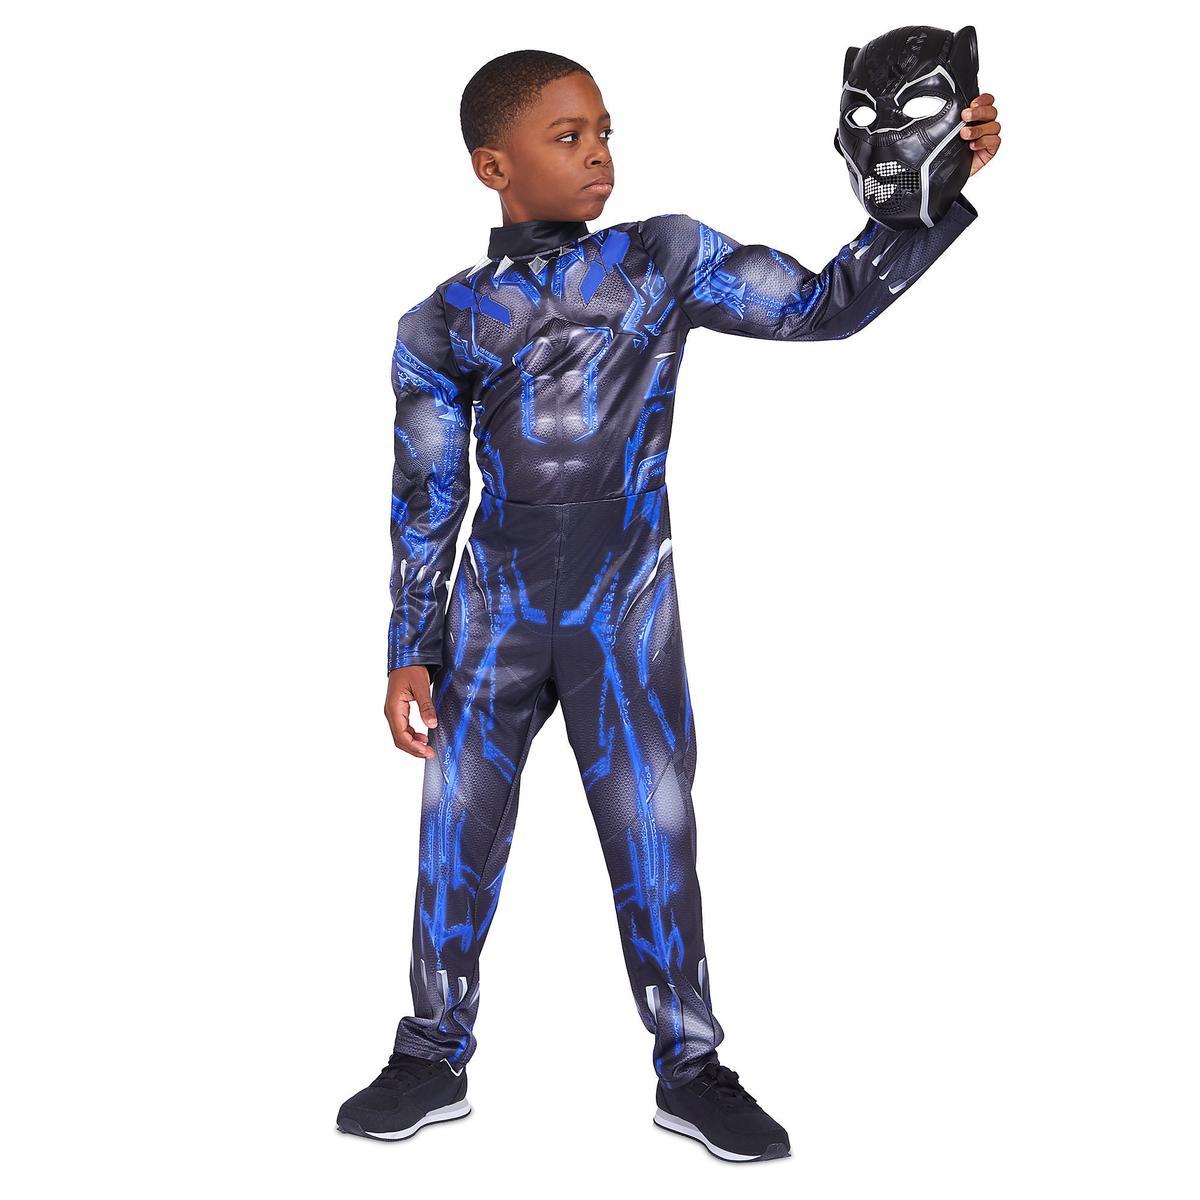 ブラックパンサー 光る コスチューム 子供 男の子 マーベル アメコミ ヒーロー コスプレ 仮装 衣装